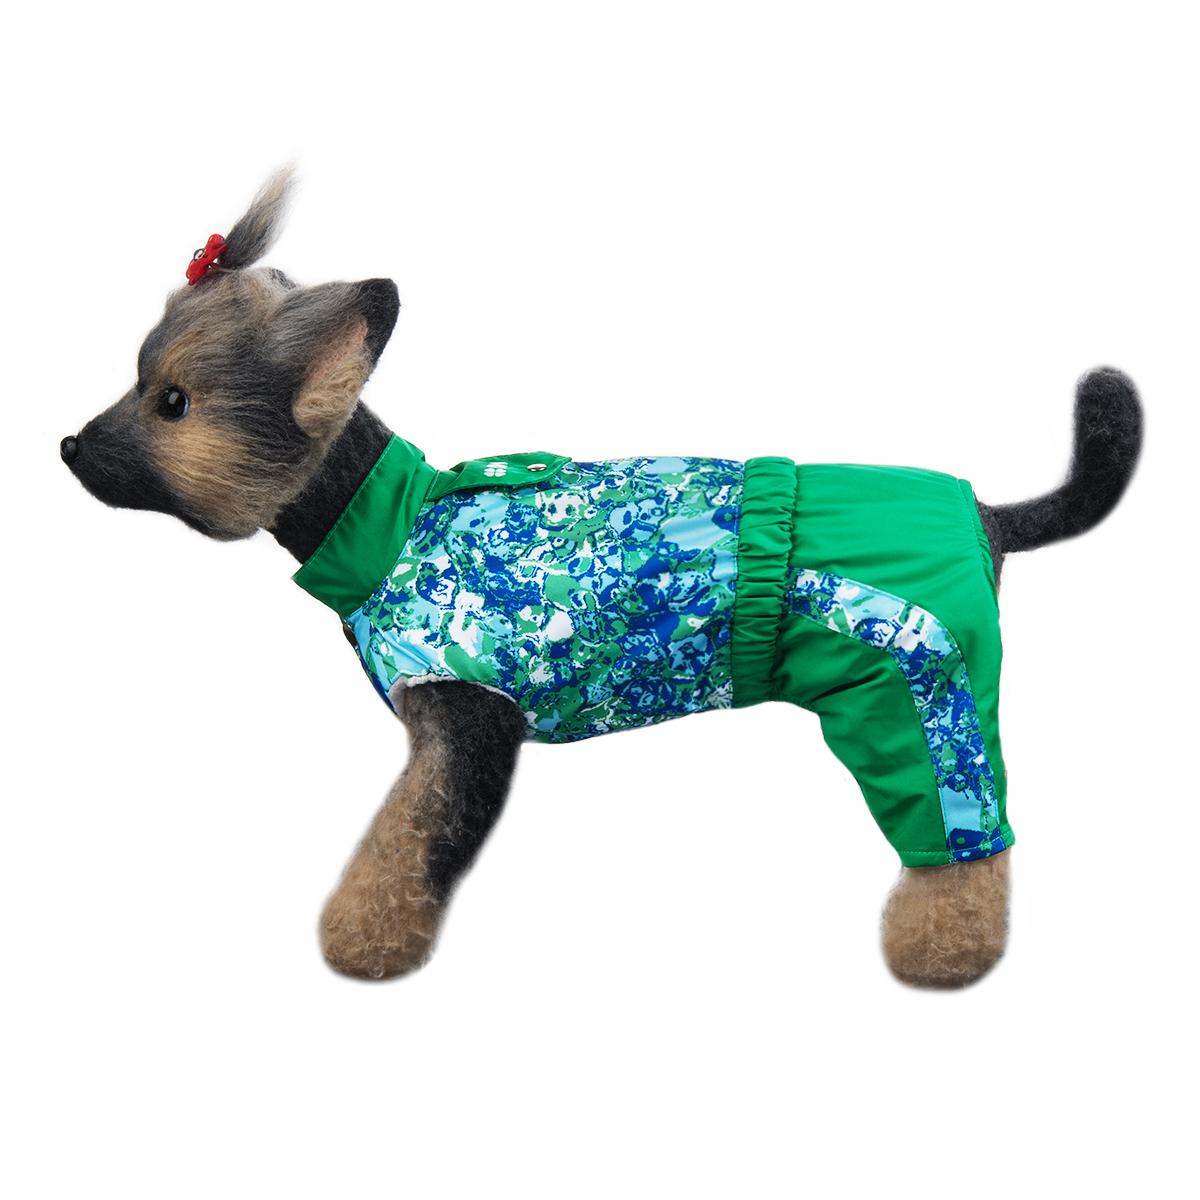 Комбинезон для собак Dogmoda Грин, унисекс, цвет: зеленый, синий, белый. Размер 1 (S) комбинезон для собак dogmoda грин унисекс цвет зеленый синий белый размер 4 xl